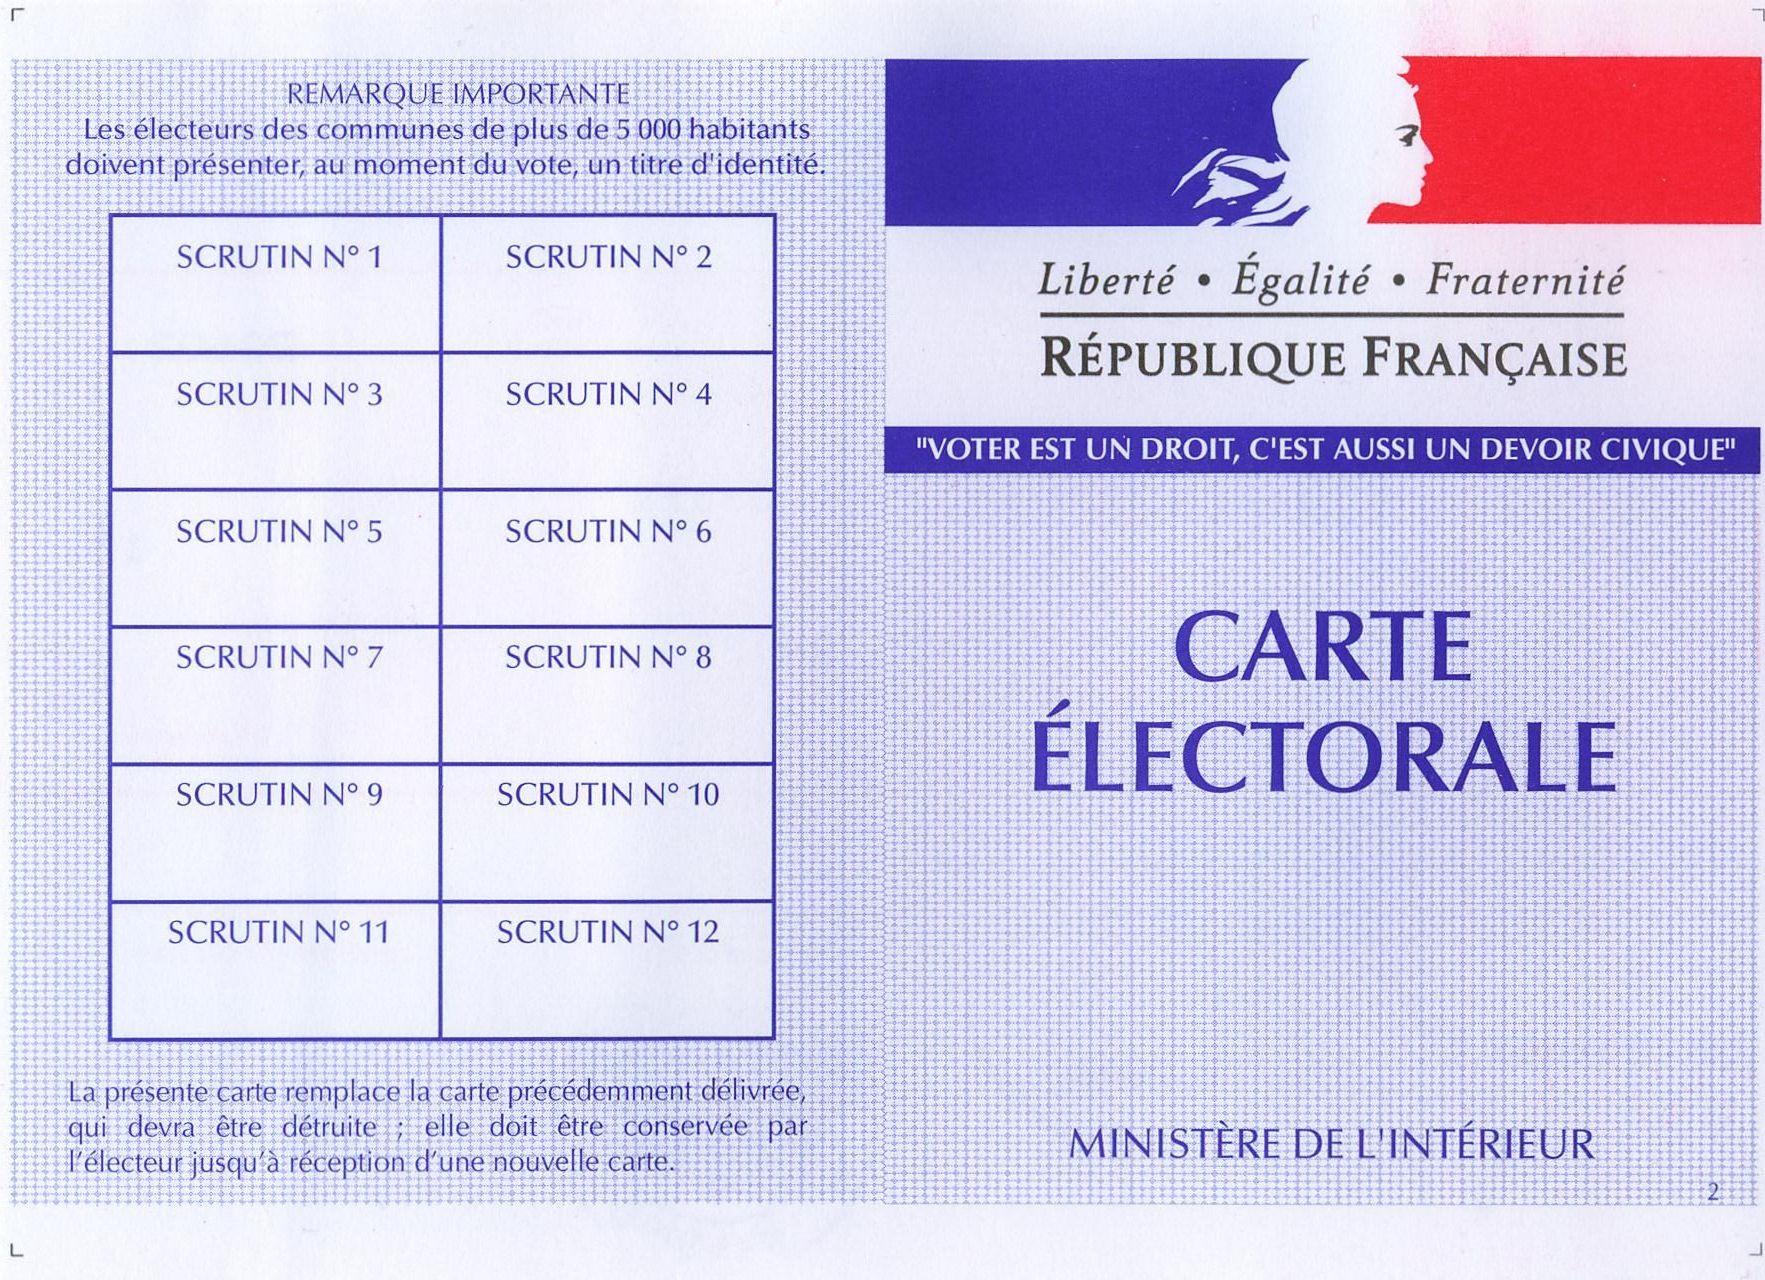 Dernier jour d'inscription sur les listes électorales